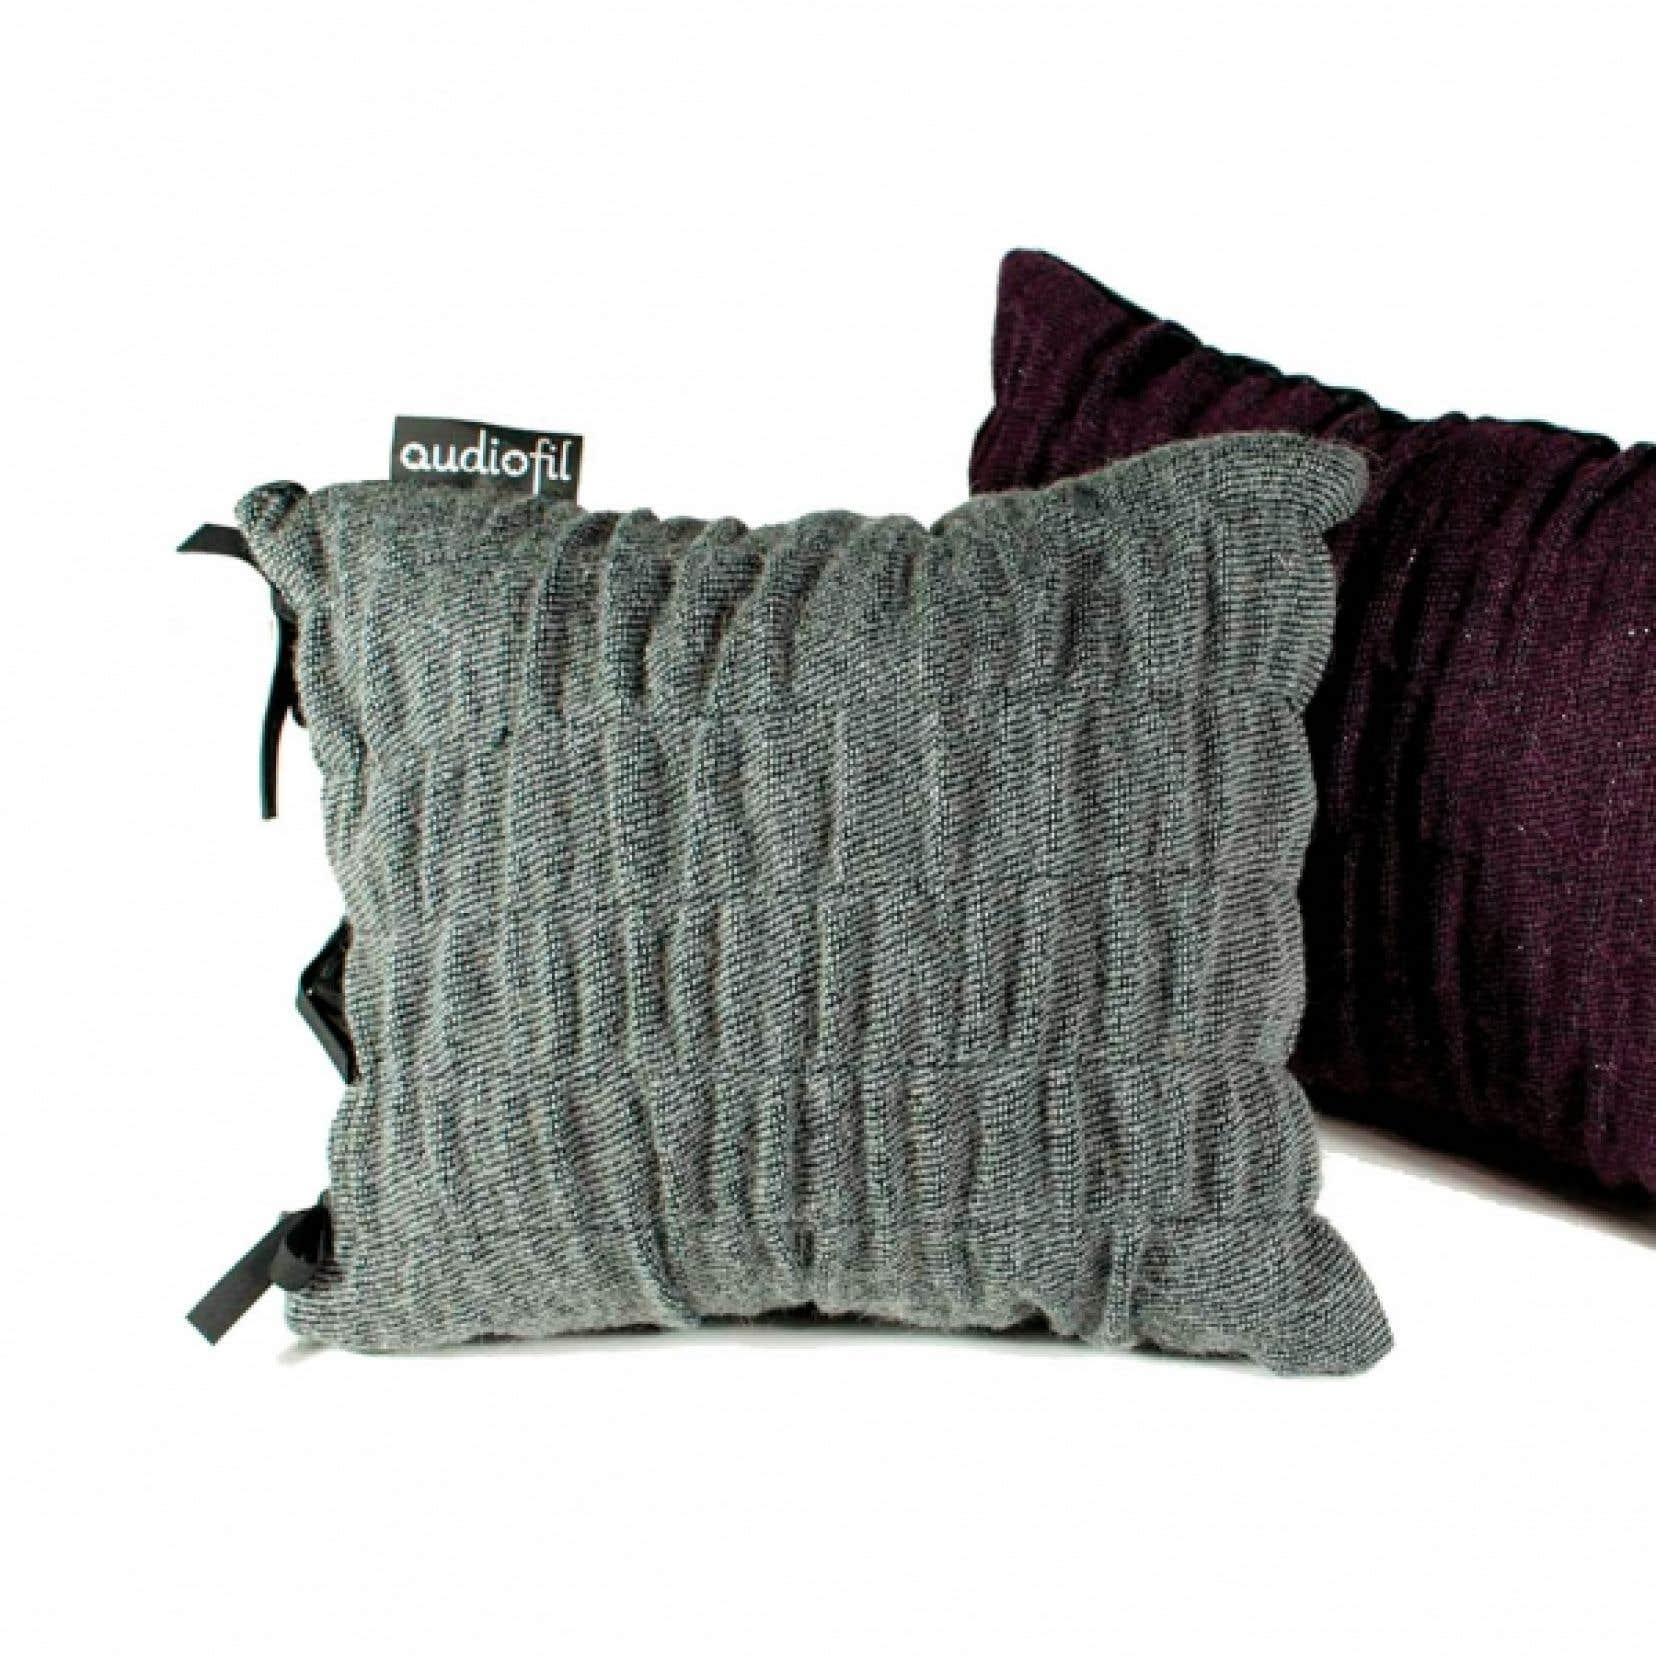 A la galerie Monde Ruelle cet automne, les oeuvres de la conceptrice textile Valérie Bédard.